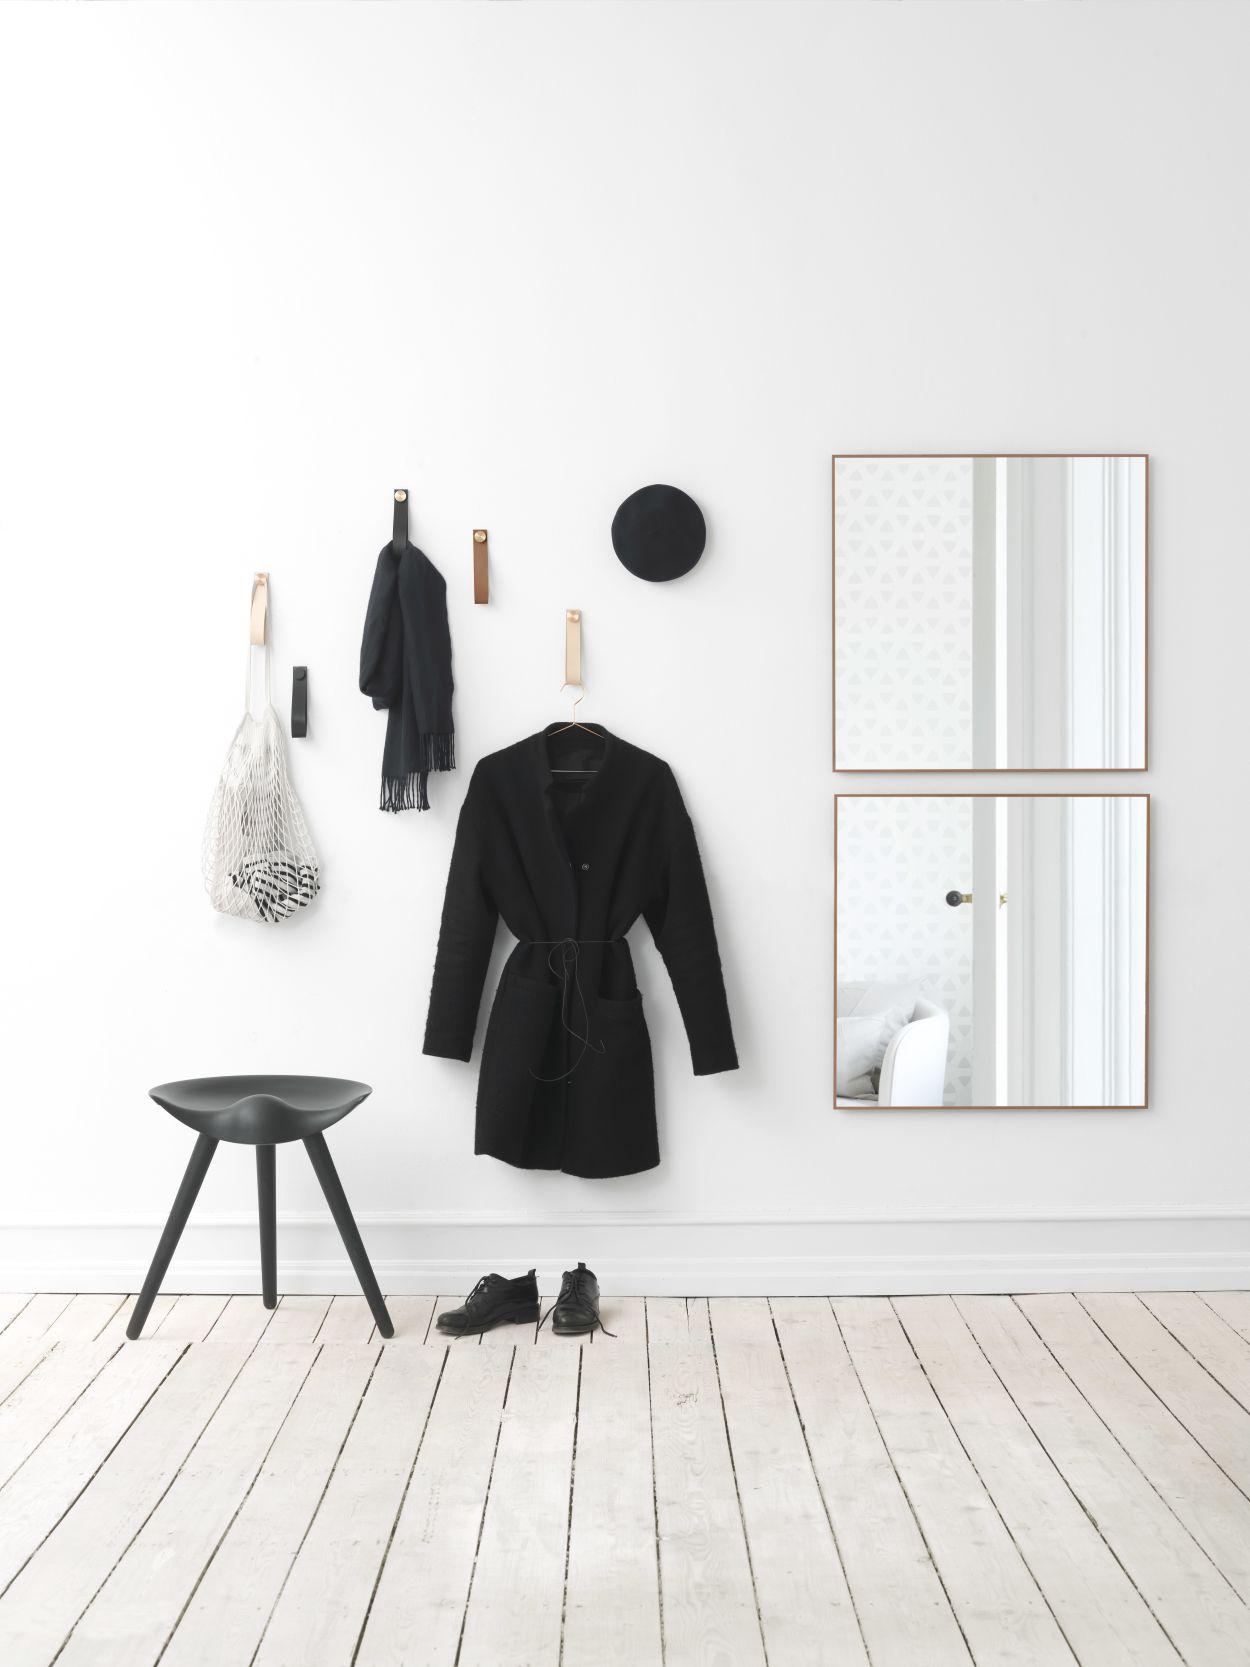 Wohn-Accessoire Skandi Design, Spiegel View by Lassen, Spiegel by Lassen